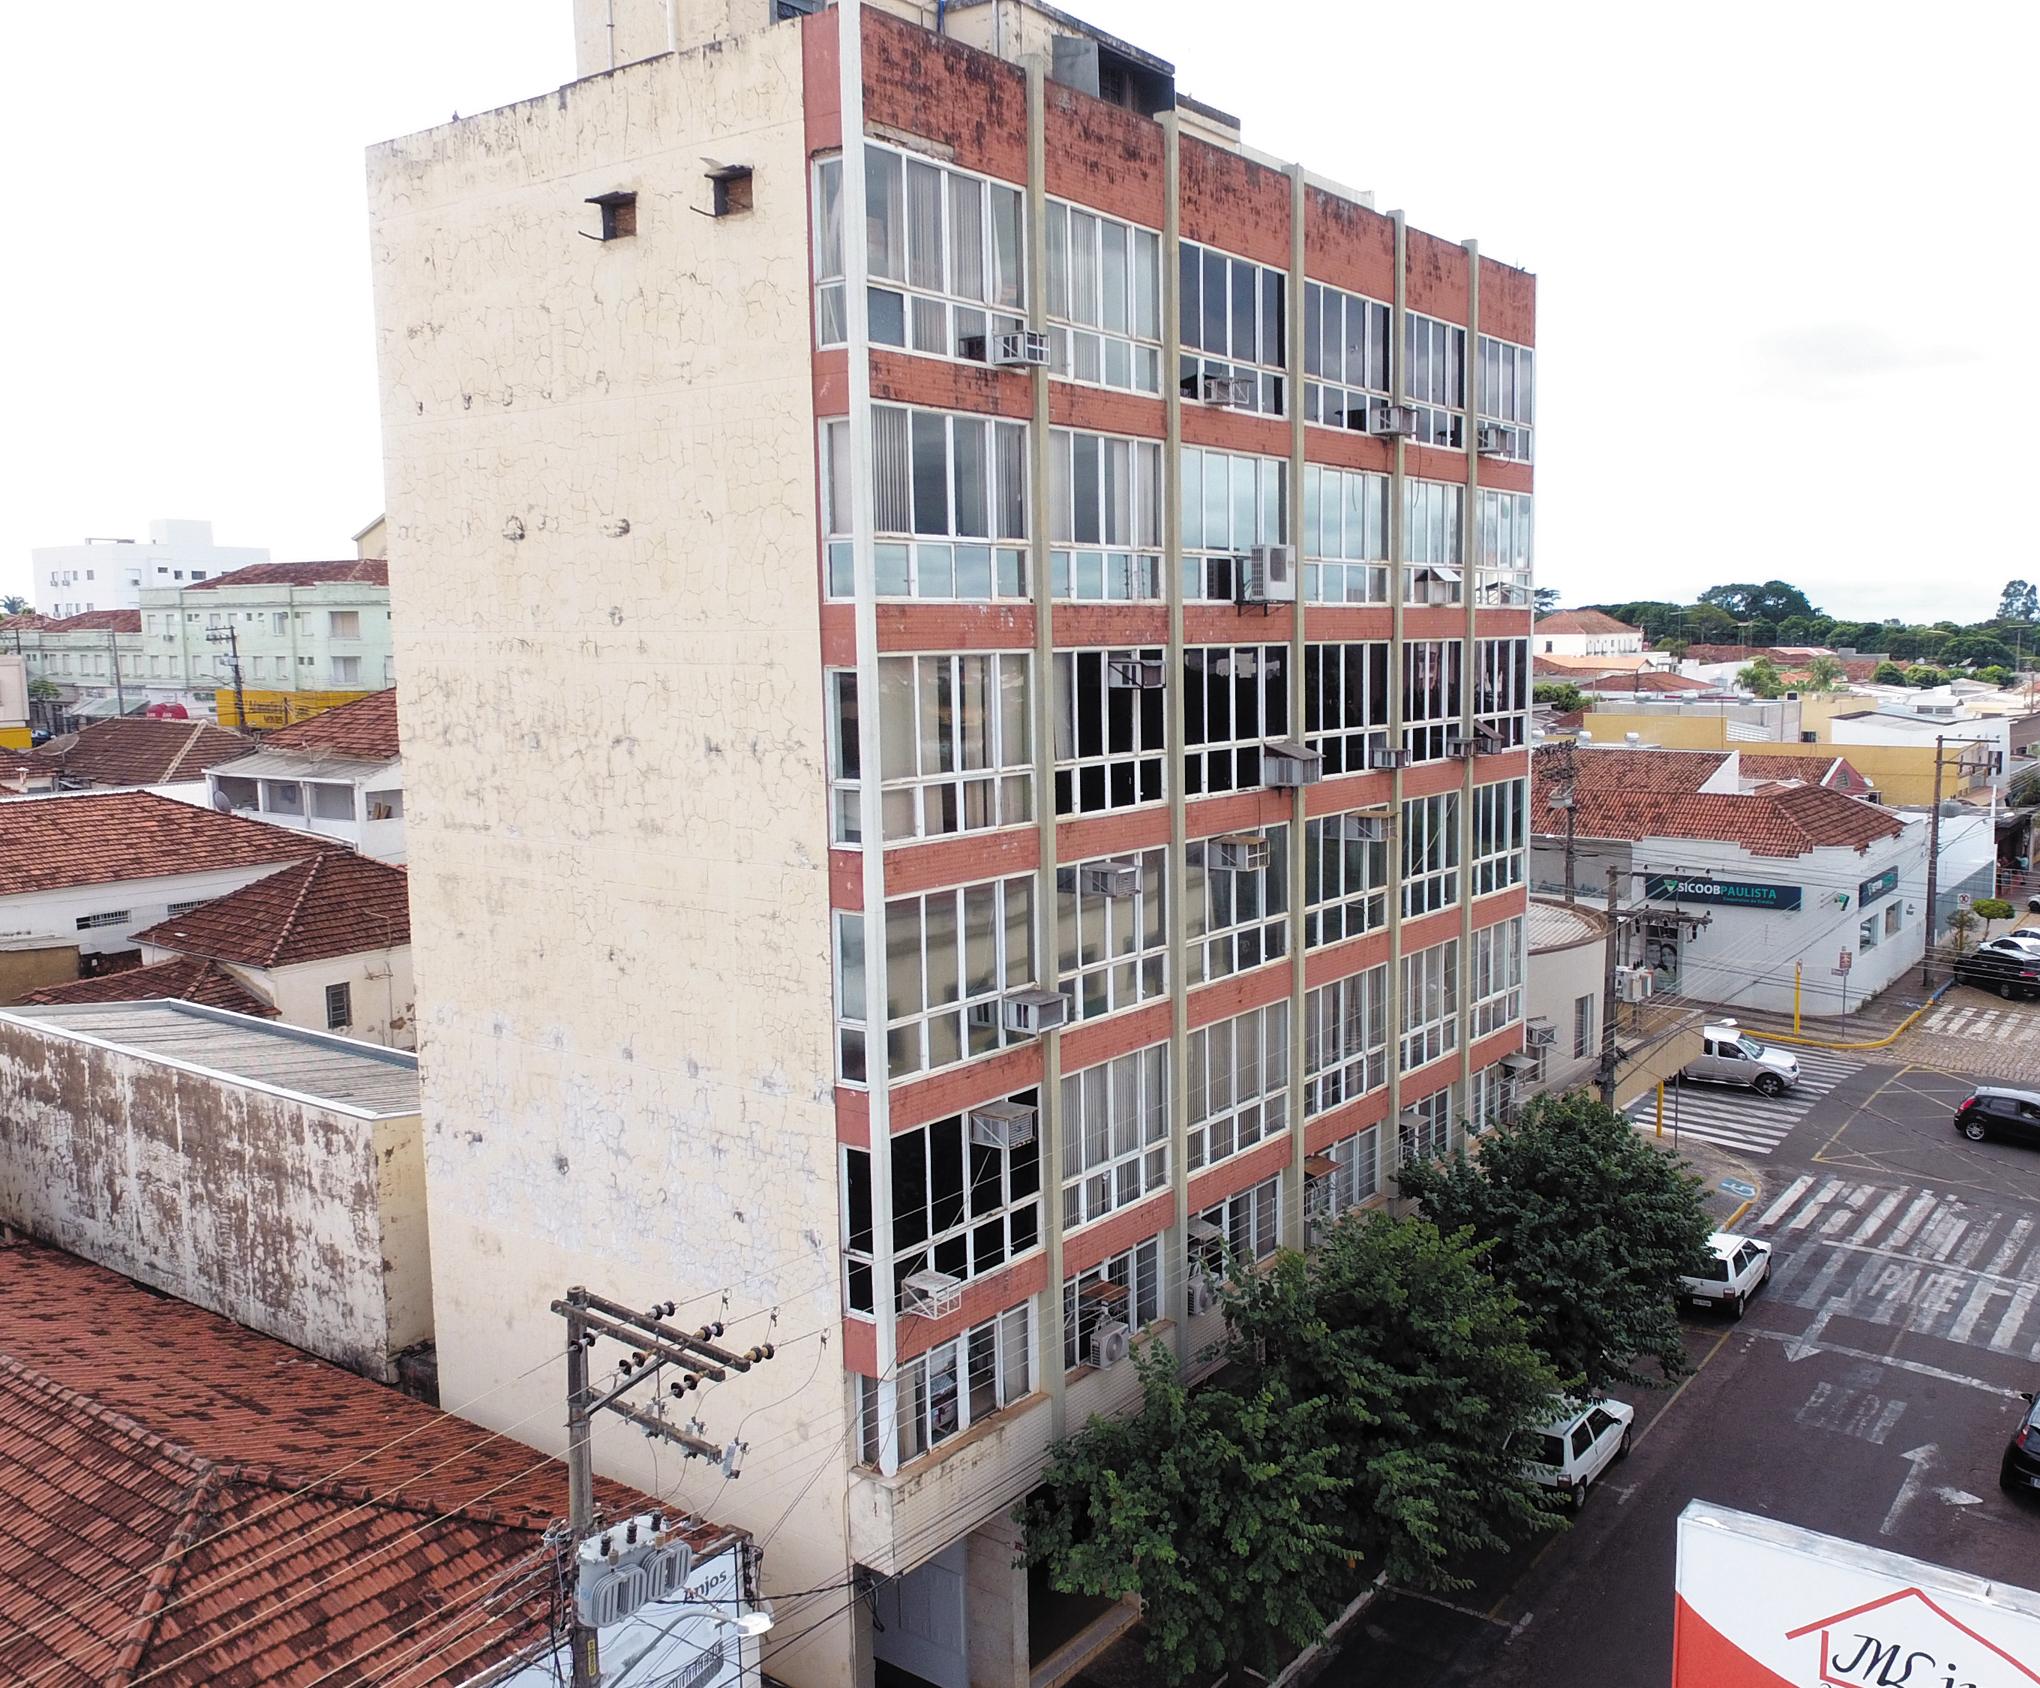 FOTO: Drone / Folha Regional